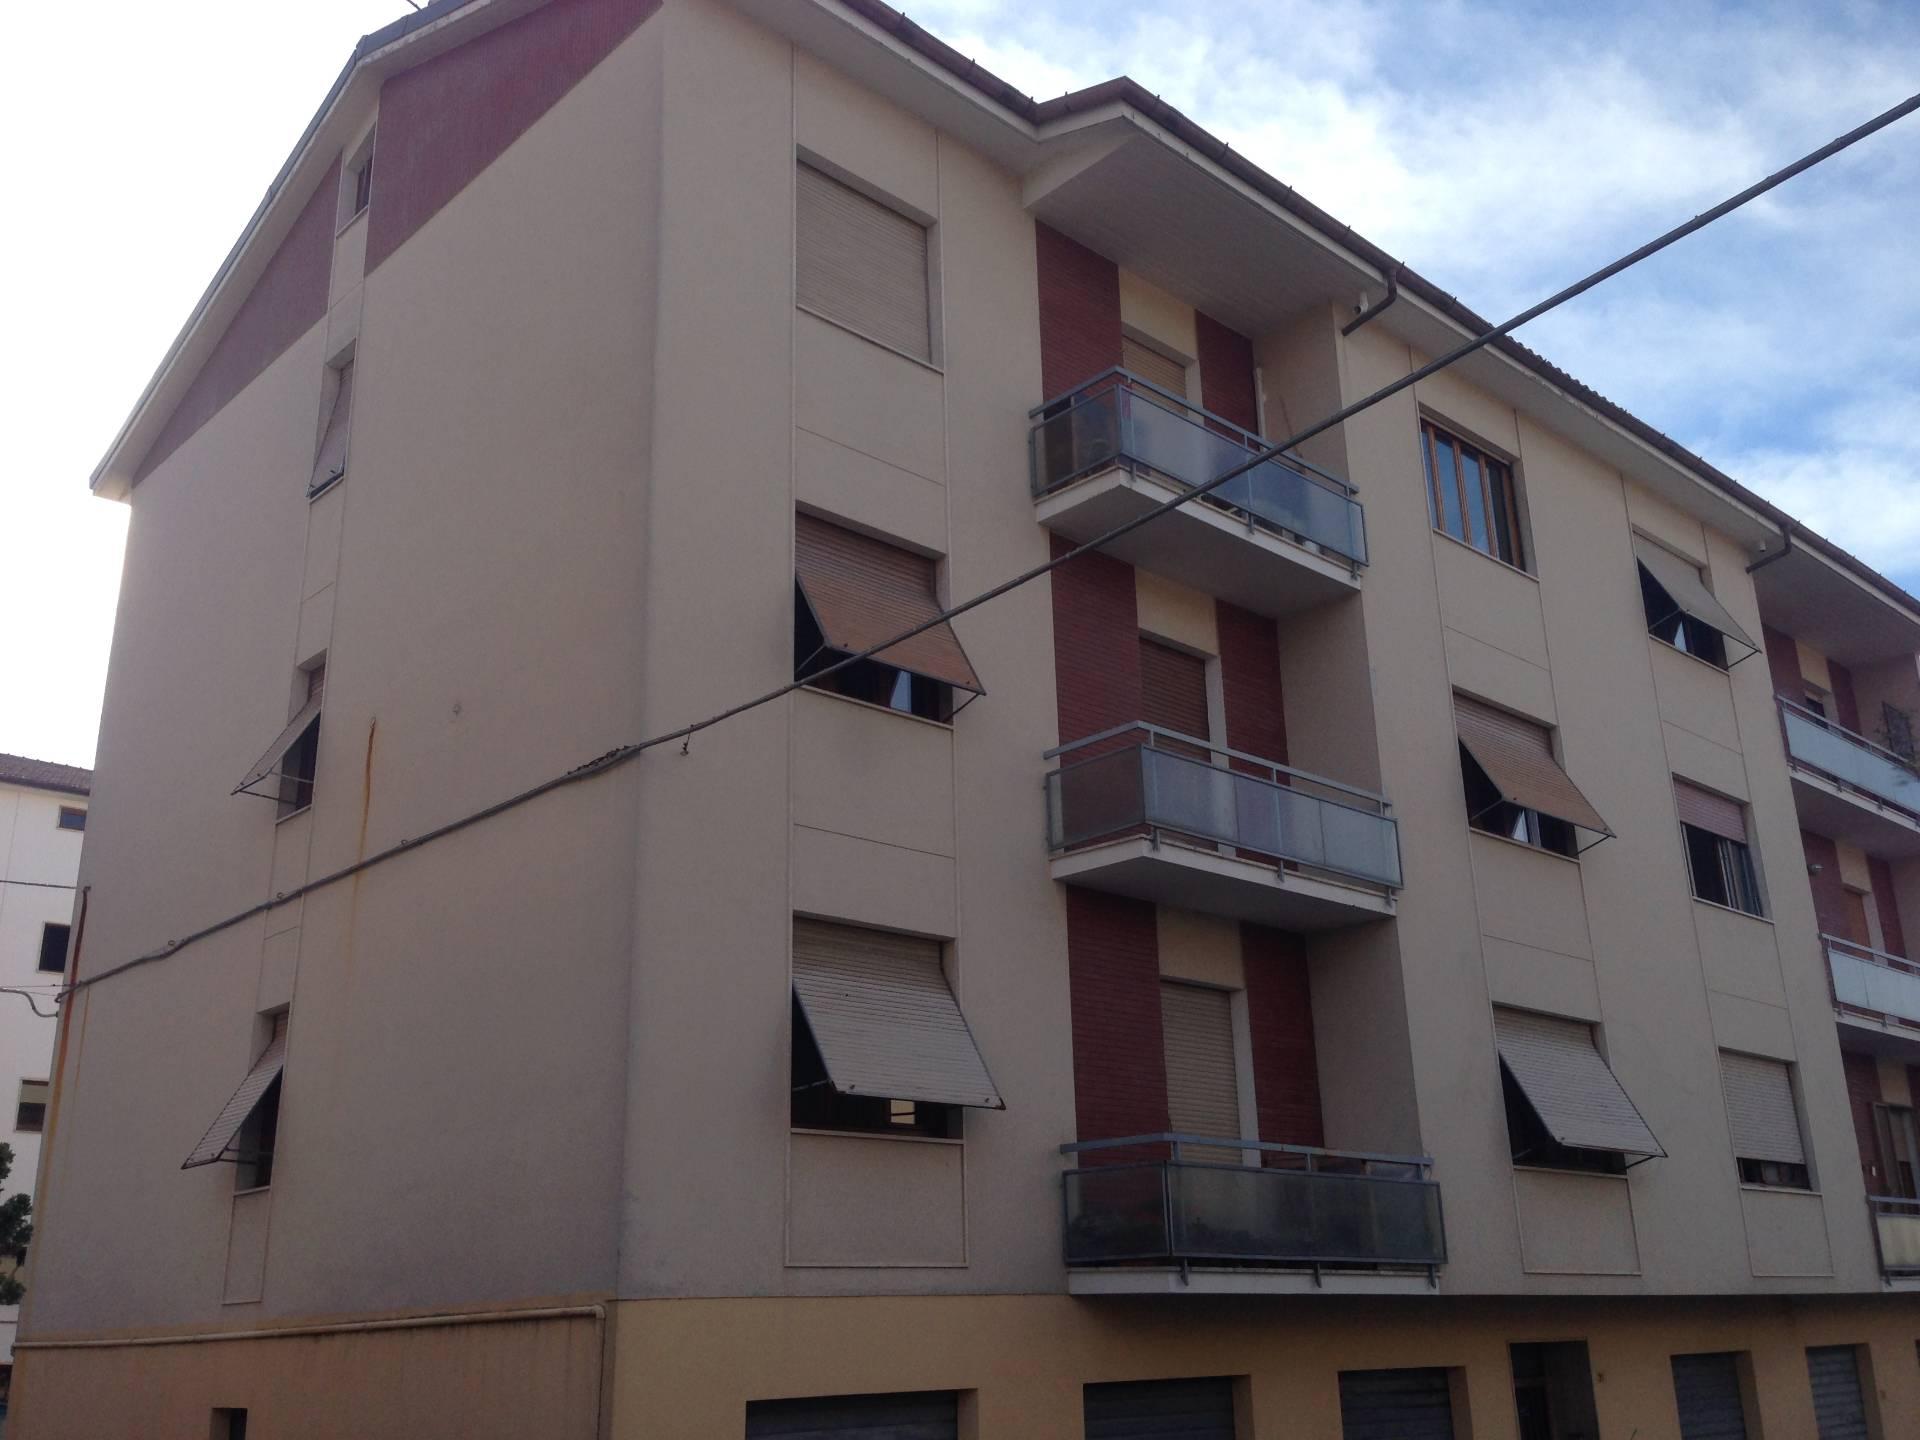 Appartamento in vendita a Fabriano, 7 locali, zona Località: SEMIPERIFERIA, Trattative riservate | CambioCasa.it